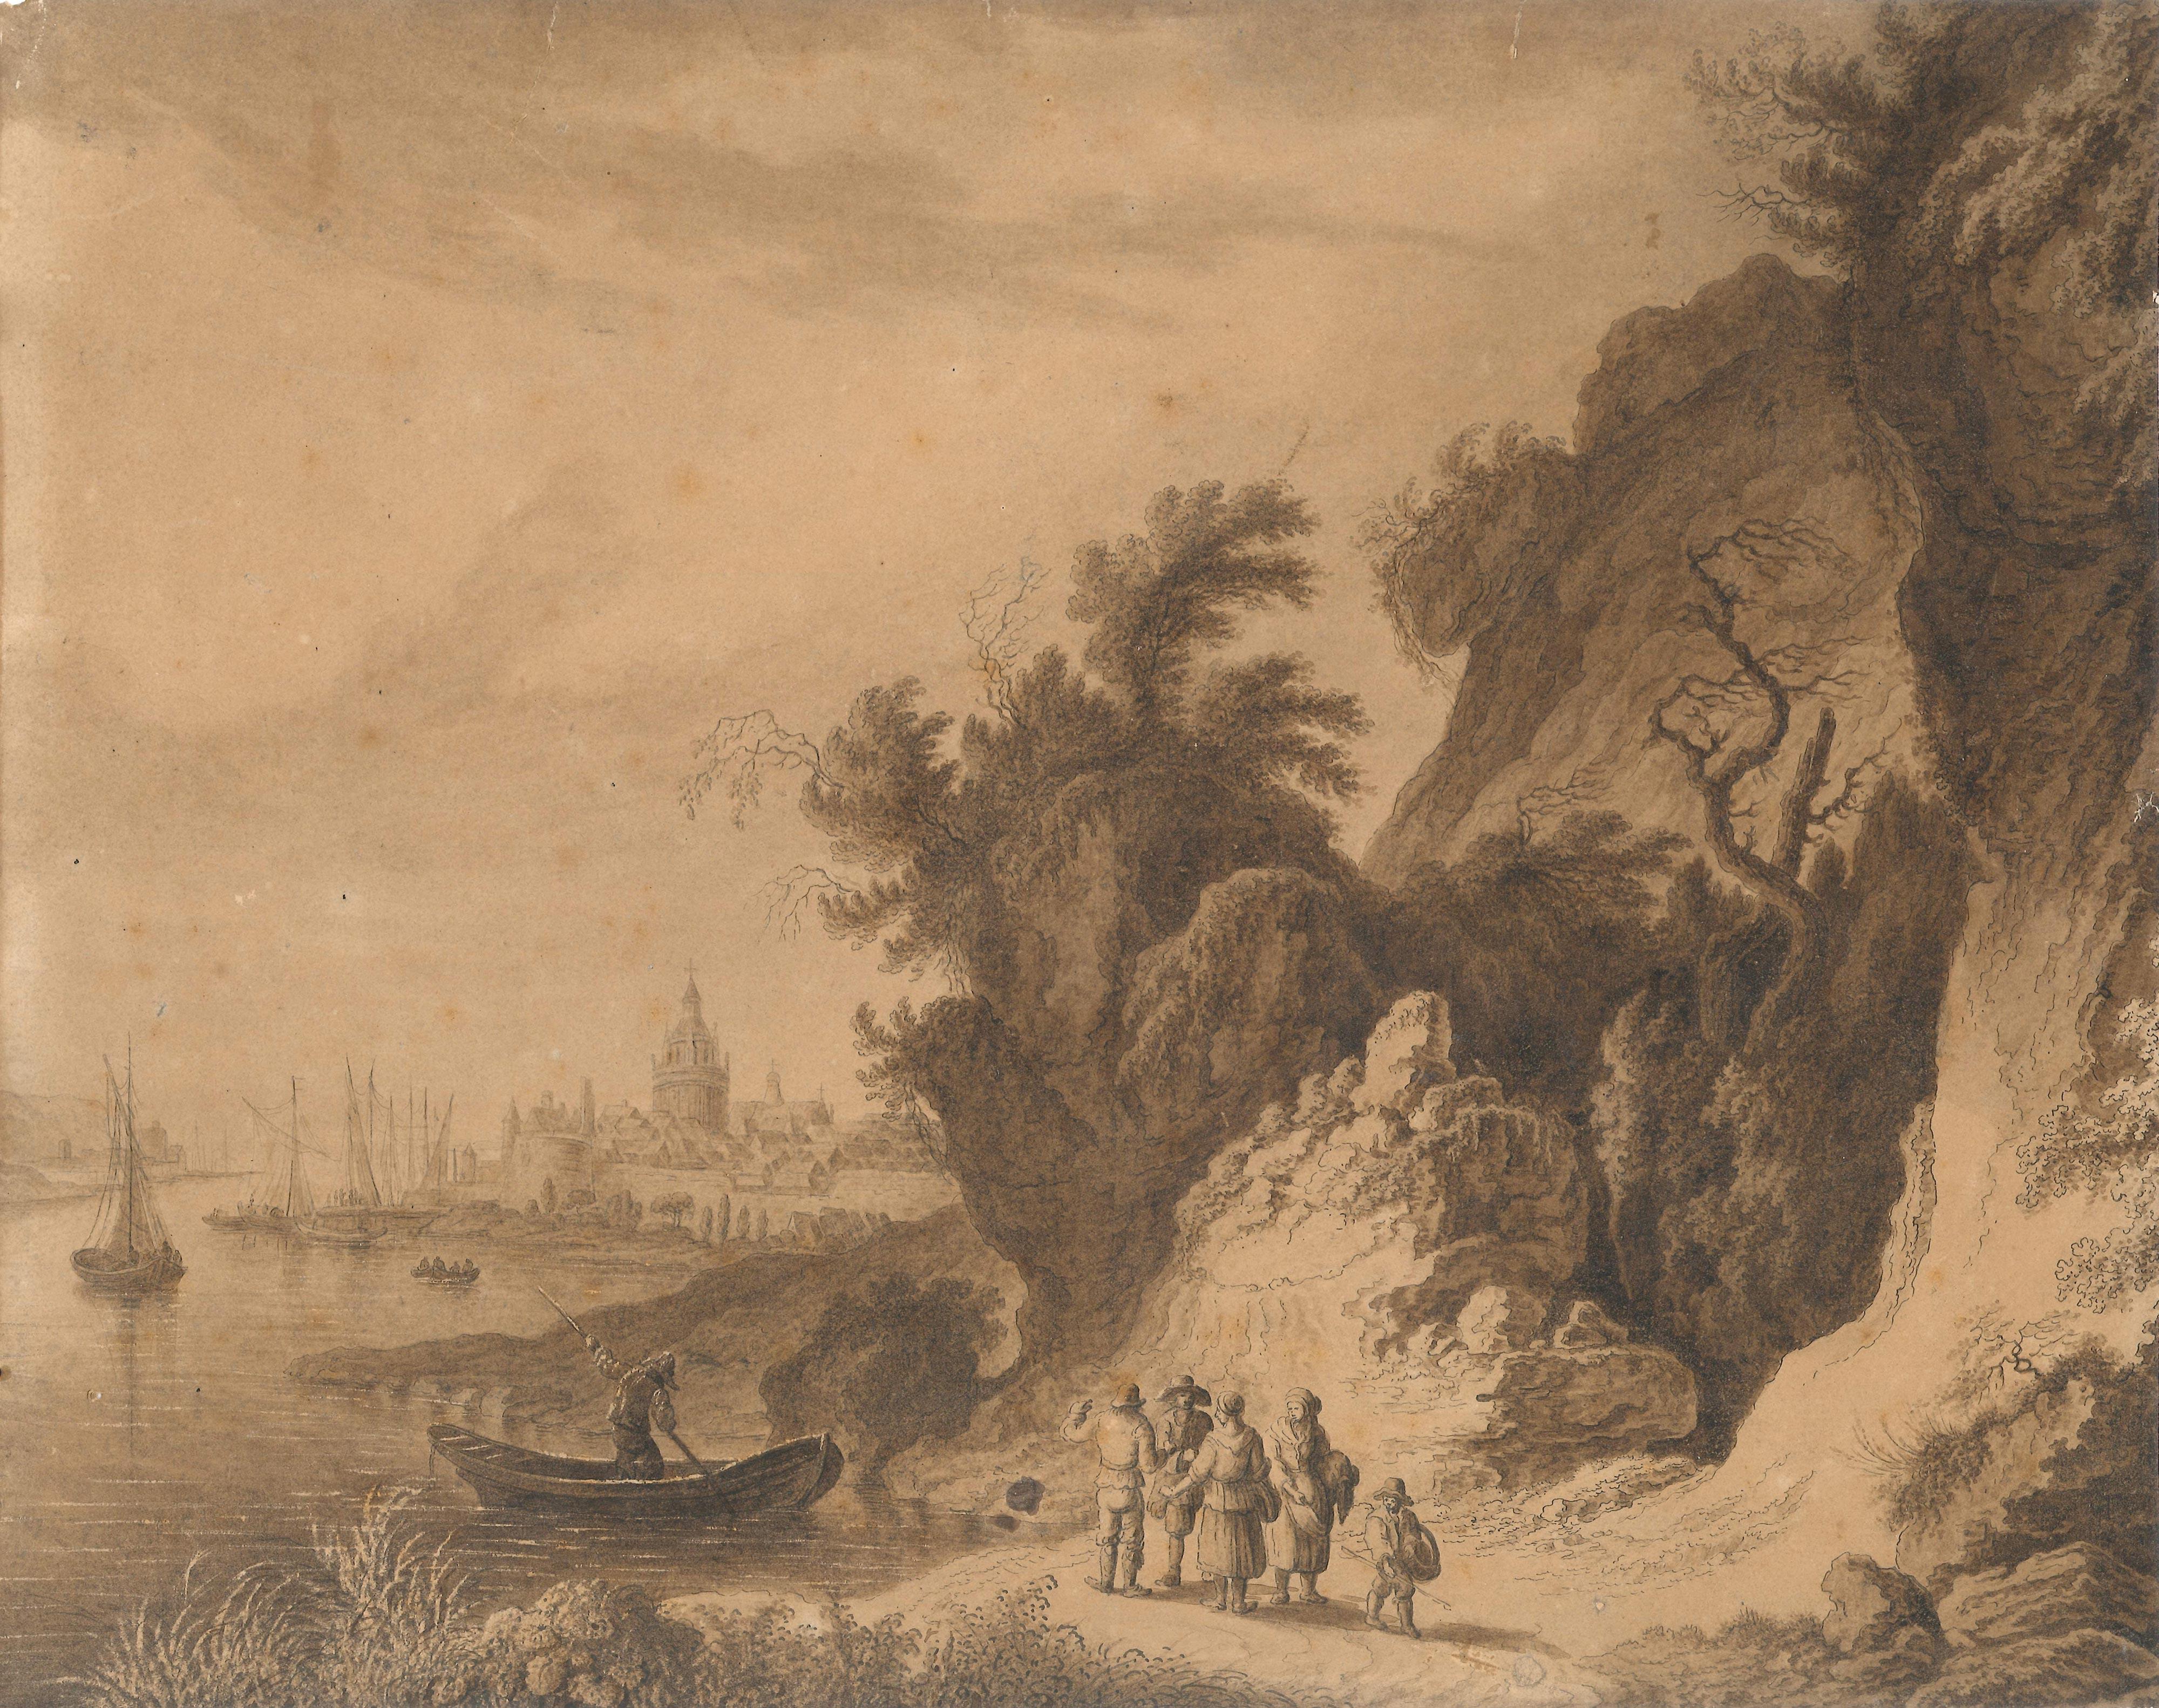 Franz-Edmund Weirotter – Vista de Vernonnet en Normandía